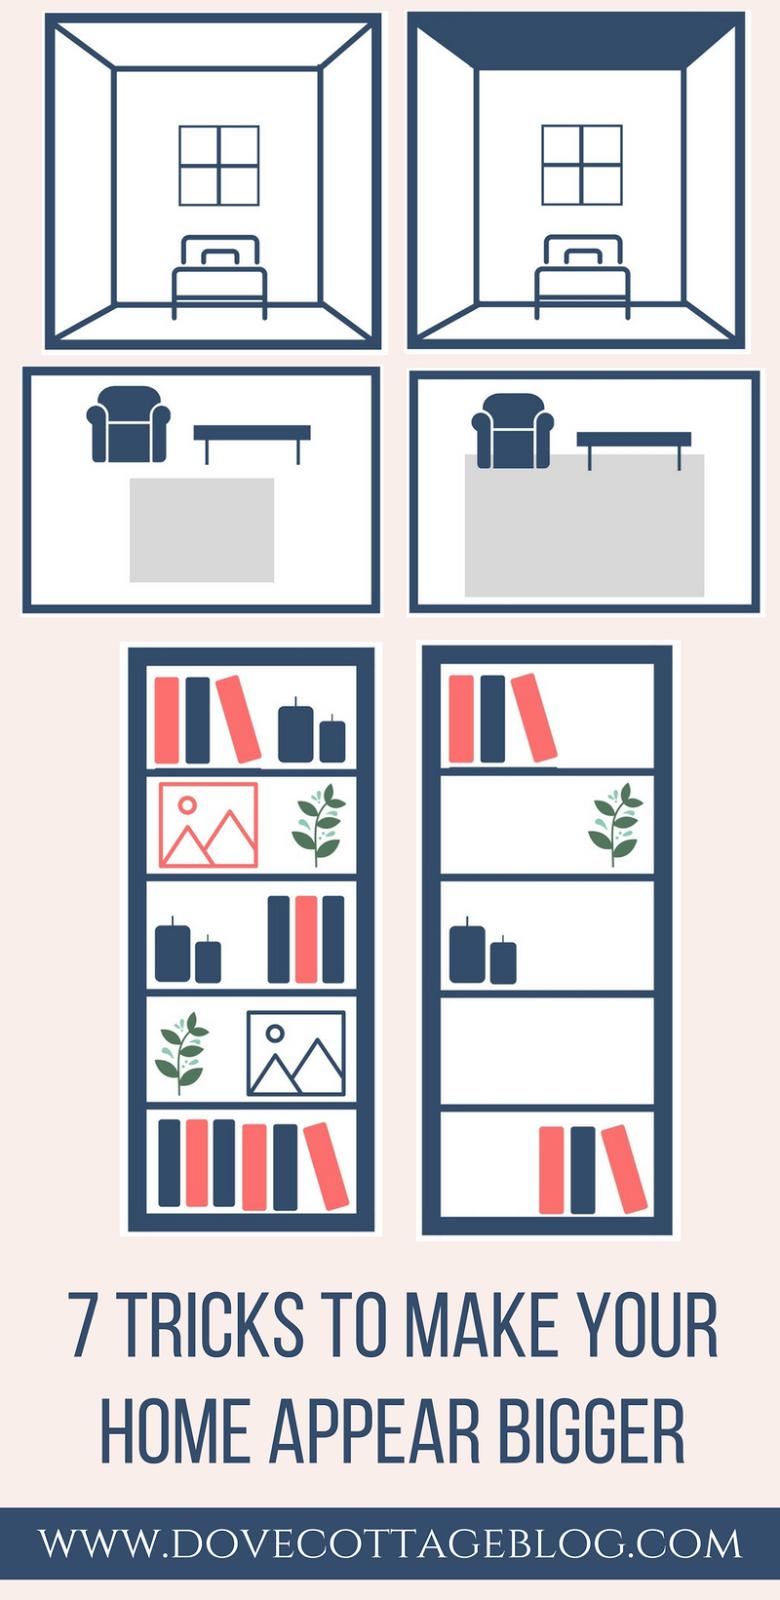 7 tricks to make your home appear bigger dove cottage. Black Bedroom Furniture Sets. Home Design Ideas